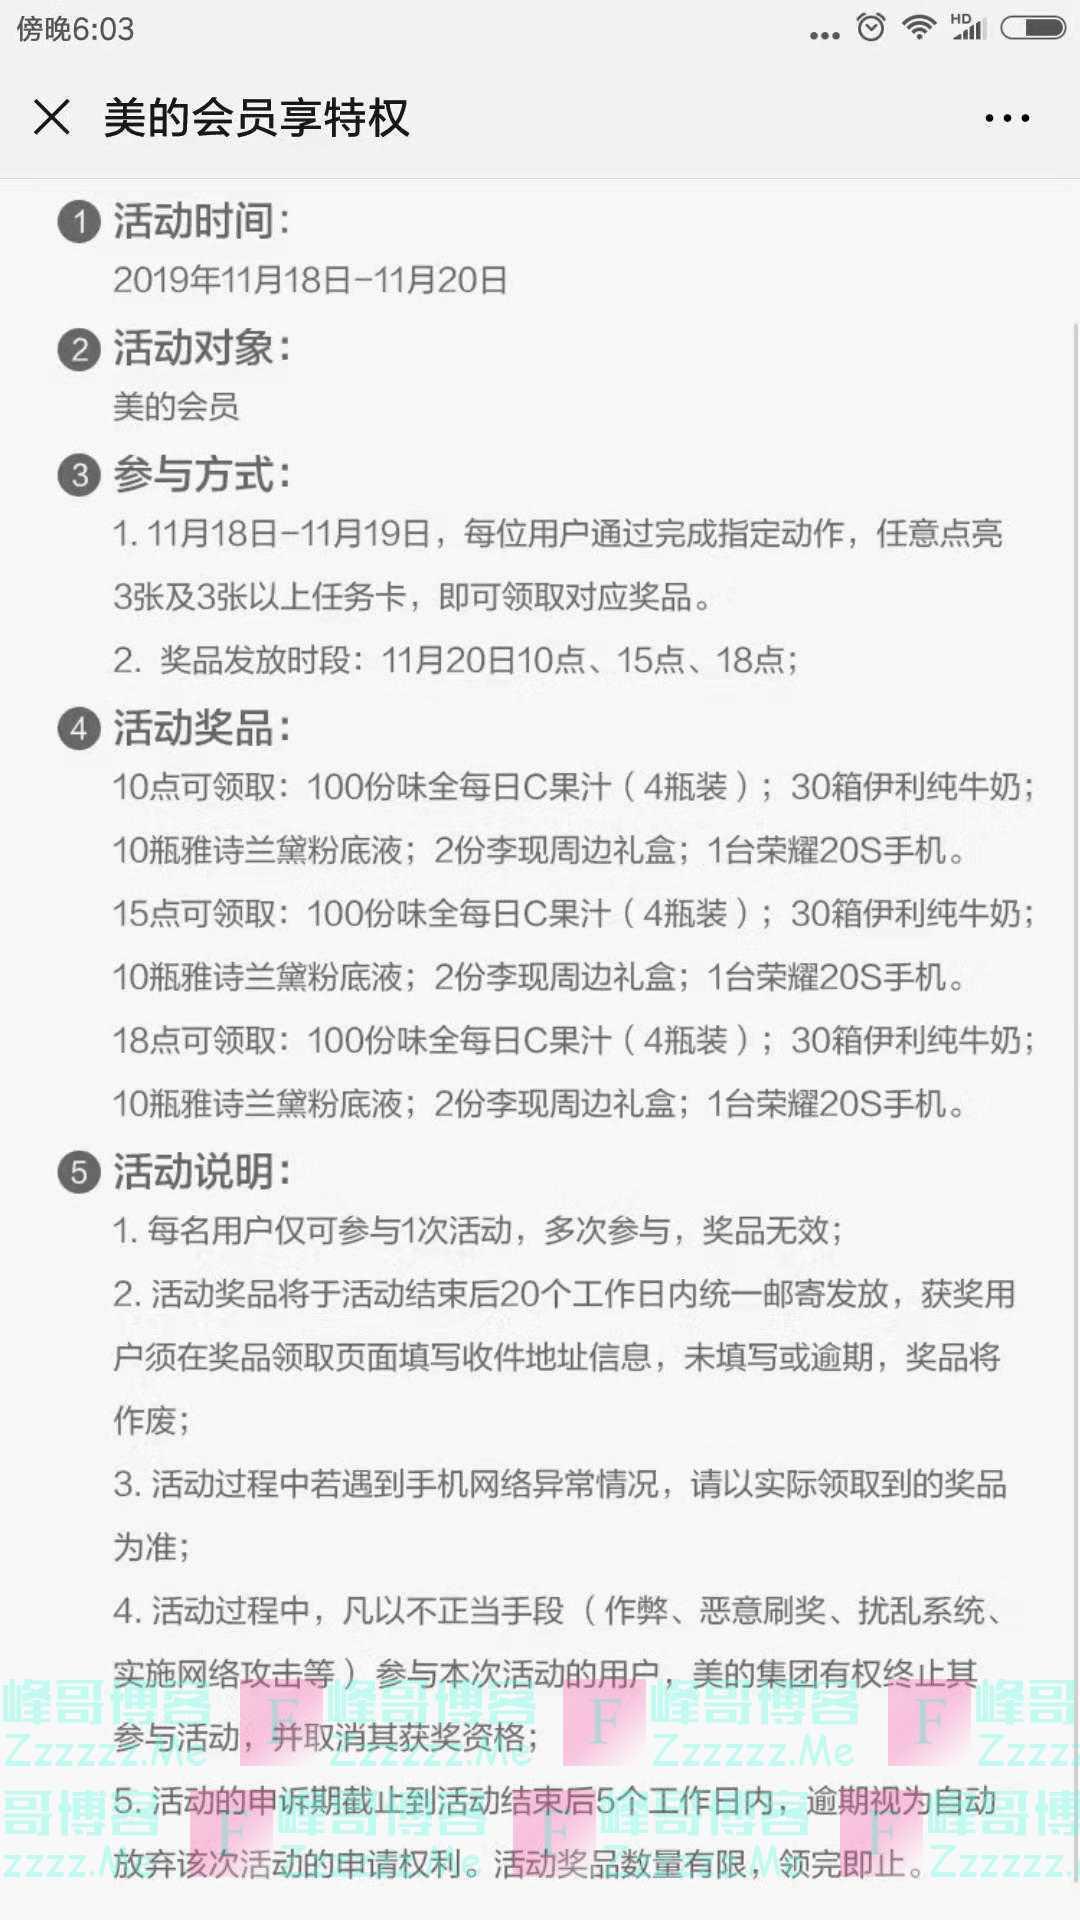 美的集团点亮任务卡赢好奖(截止11月20日)